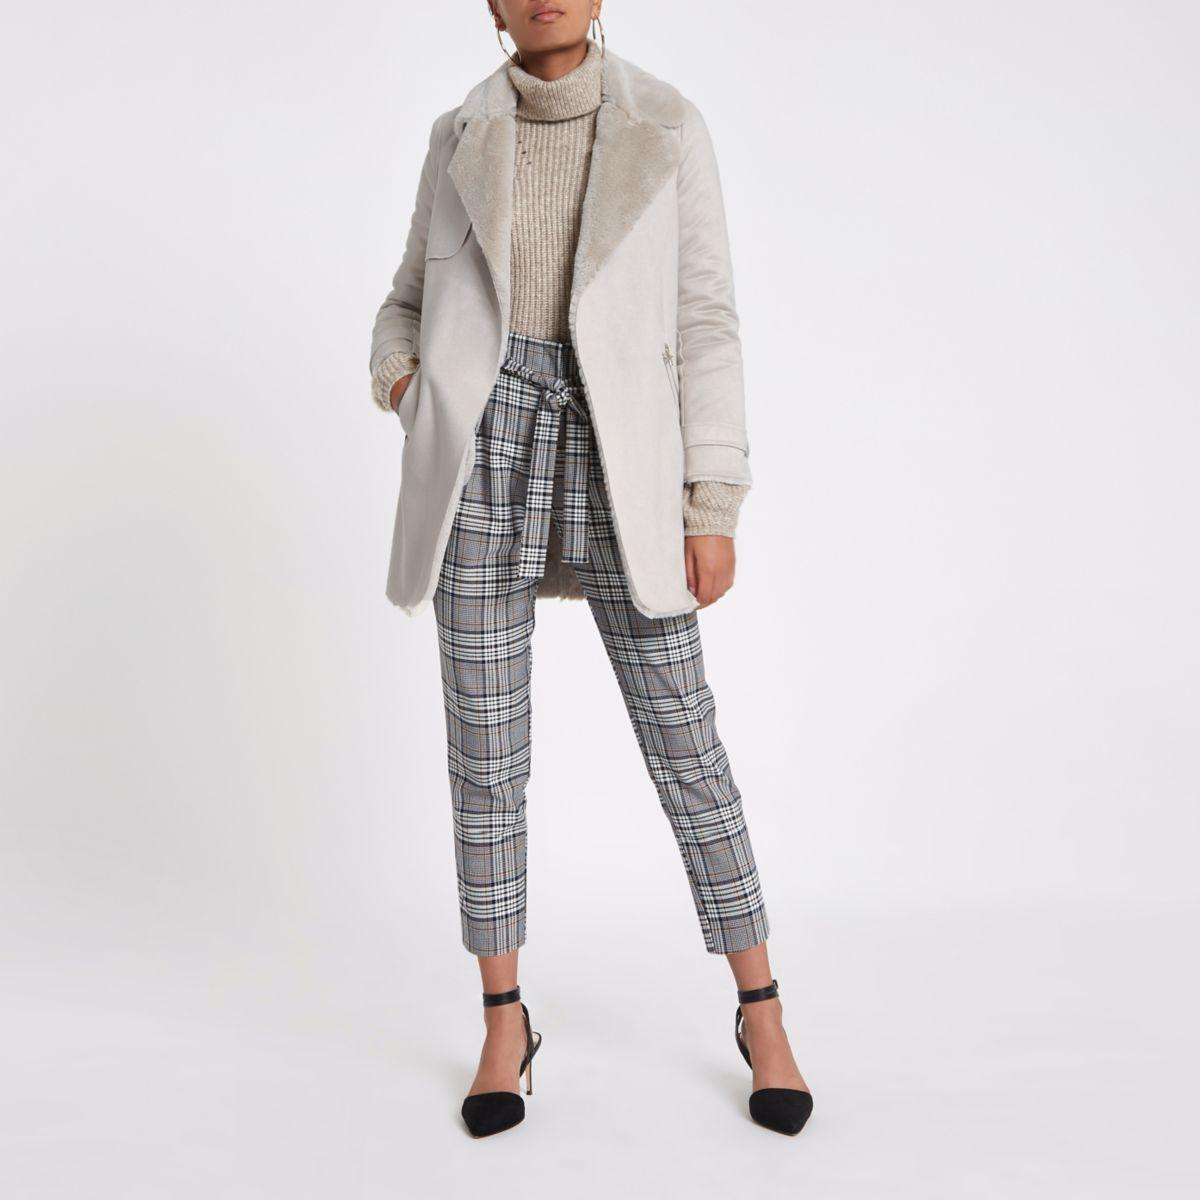 Cream faux fur lined fallaway jacket